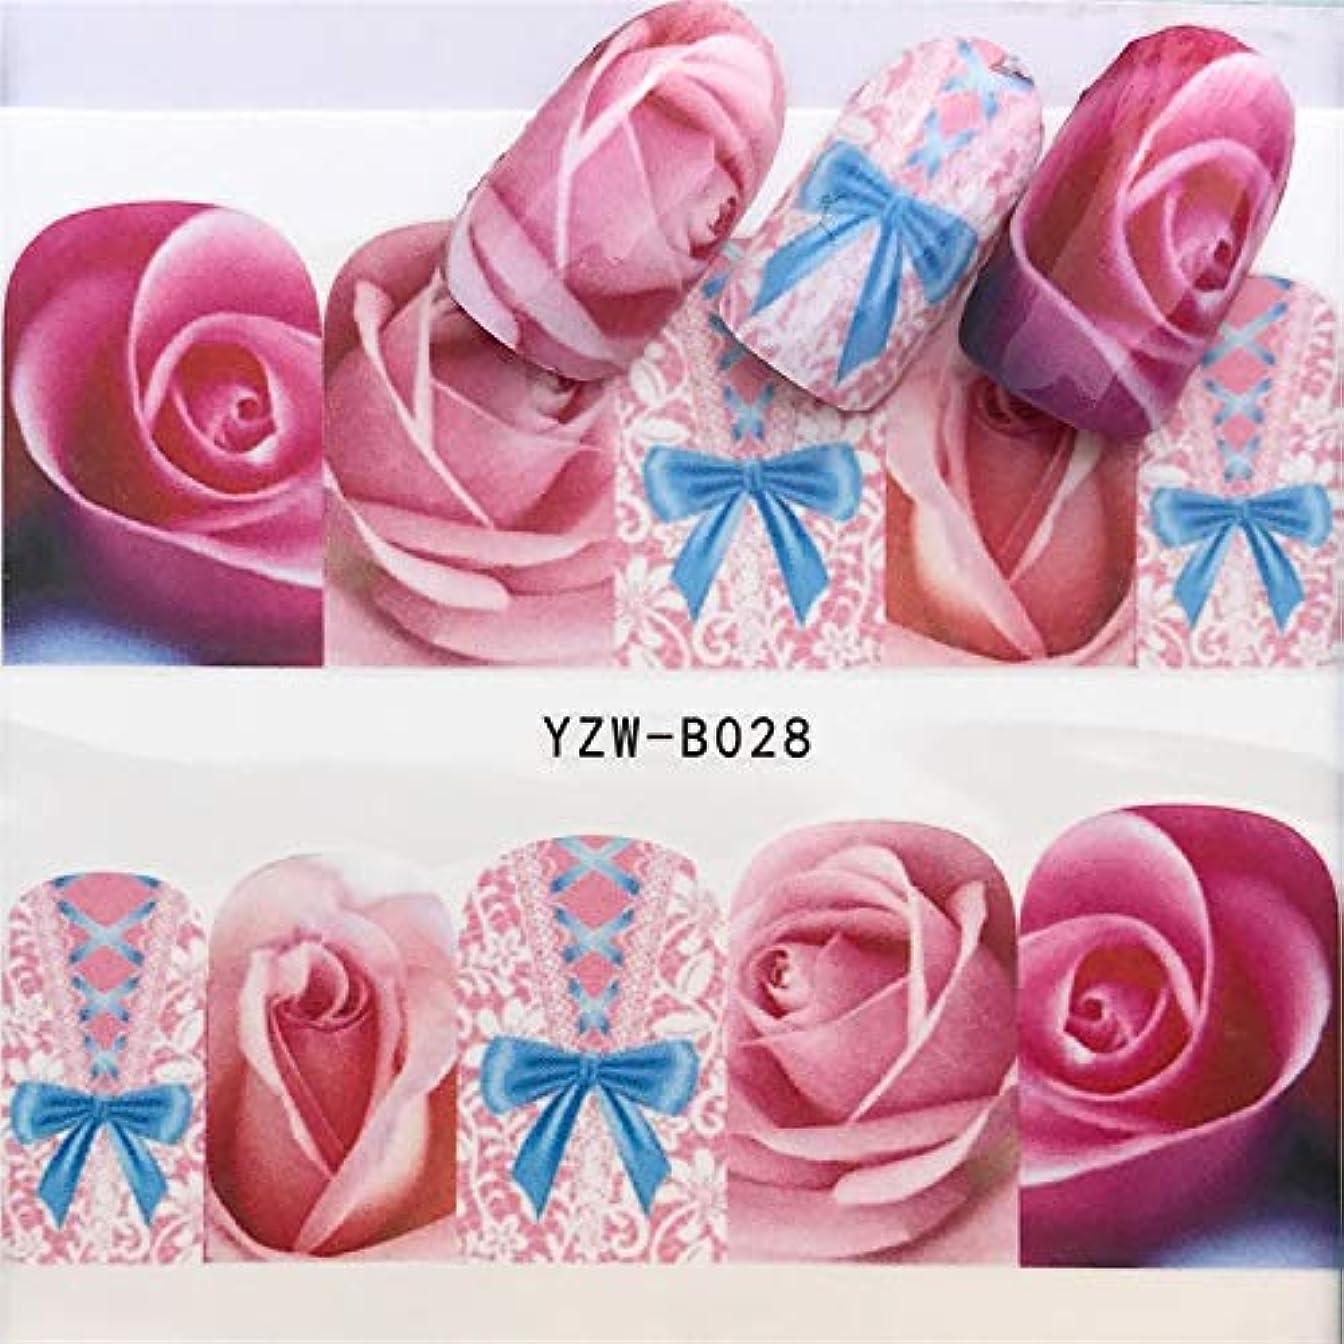 Yan 3個ネイルステッカーセットデカール水転写スライダーネイルアートデコレーション、色:YZWB028